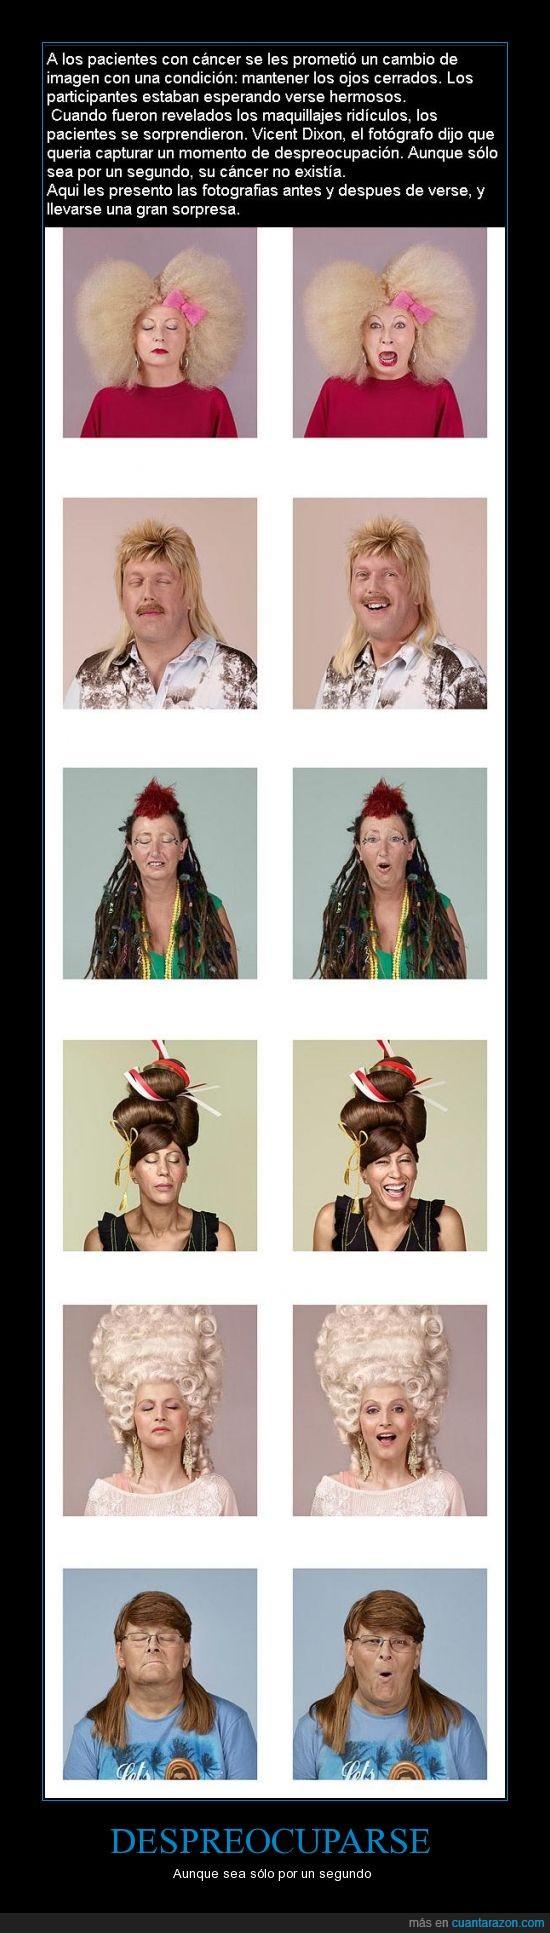 cancer,divertido,fotografo,pacientes,pelucas,problemas,risa,segundo